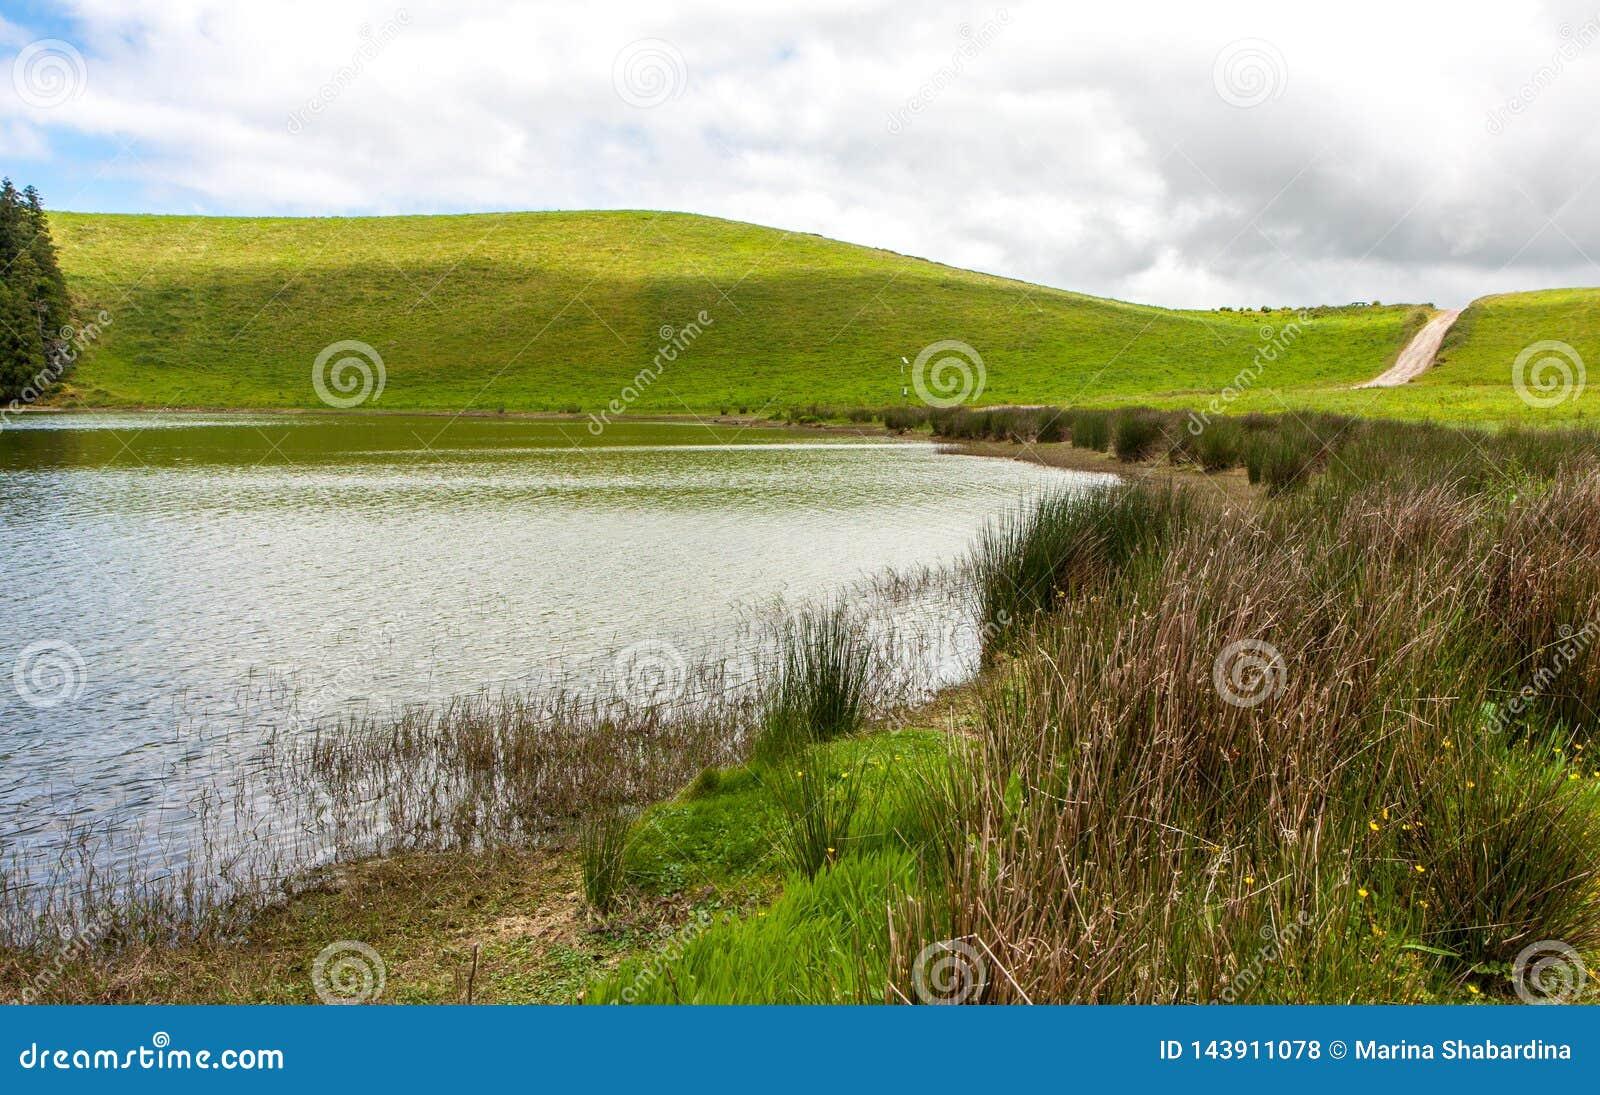 Paisaje hermoso en un día nublado soleado, con un lago, un camino, colinas y plantas